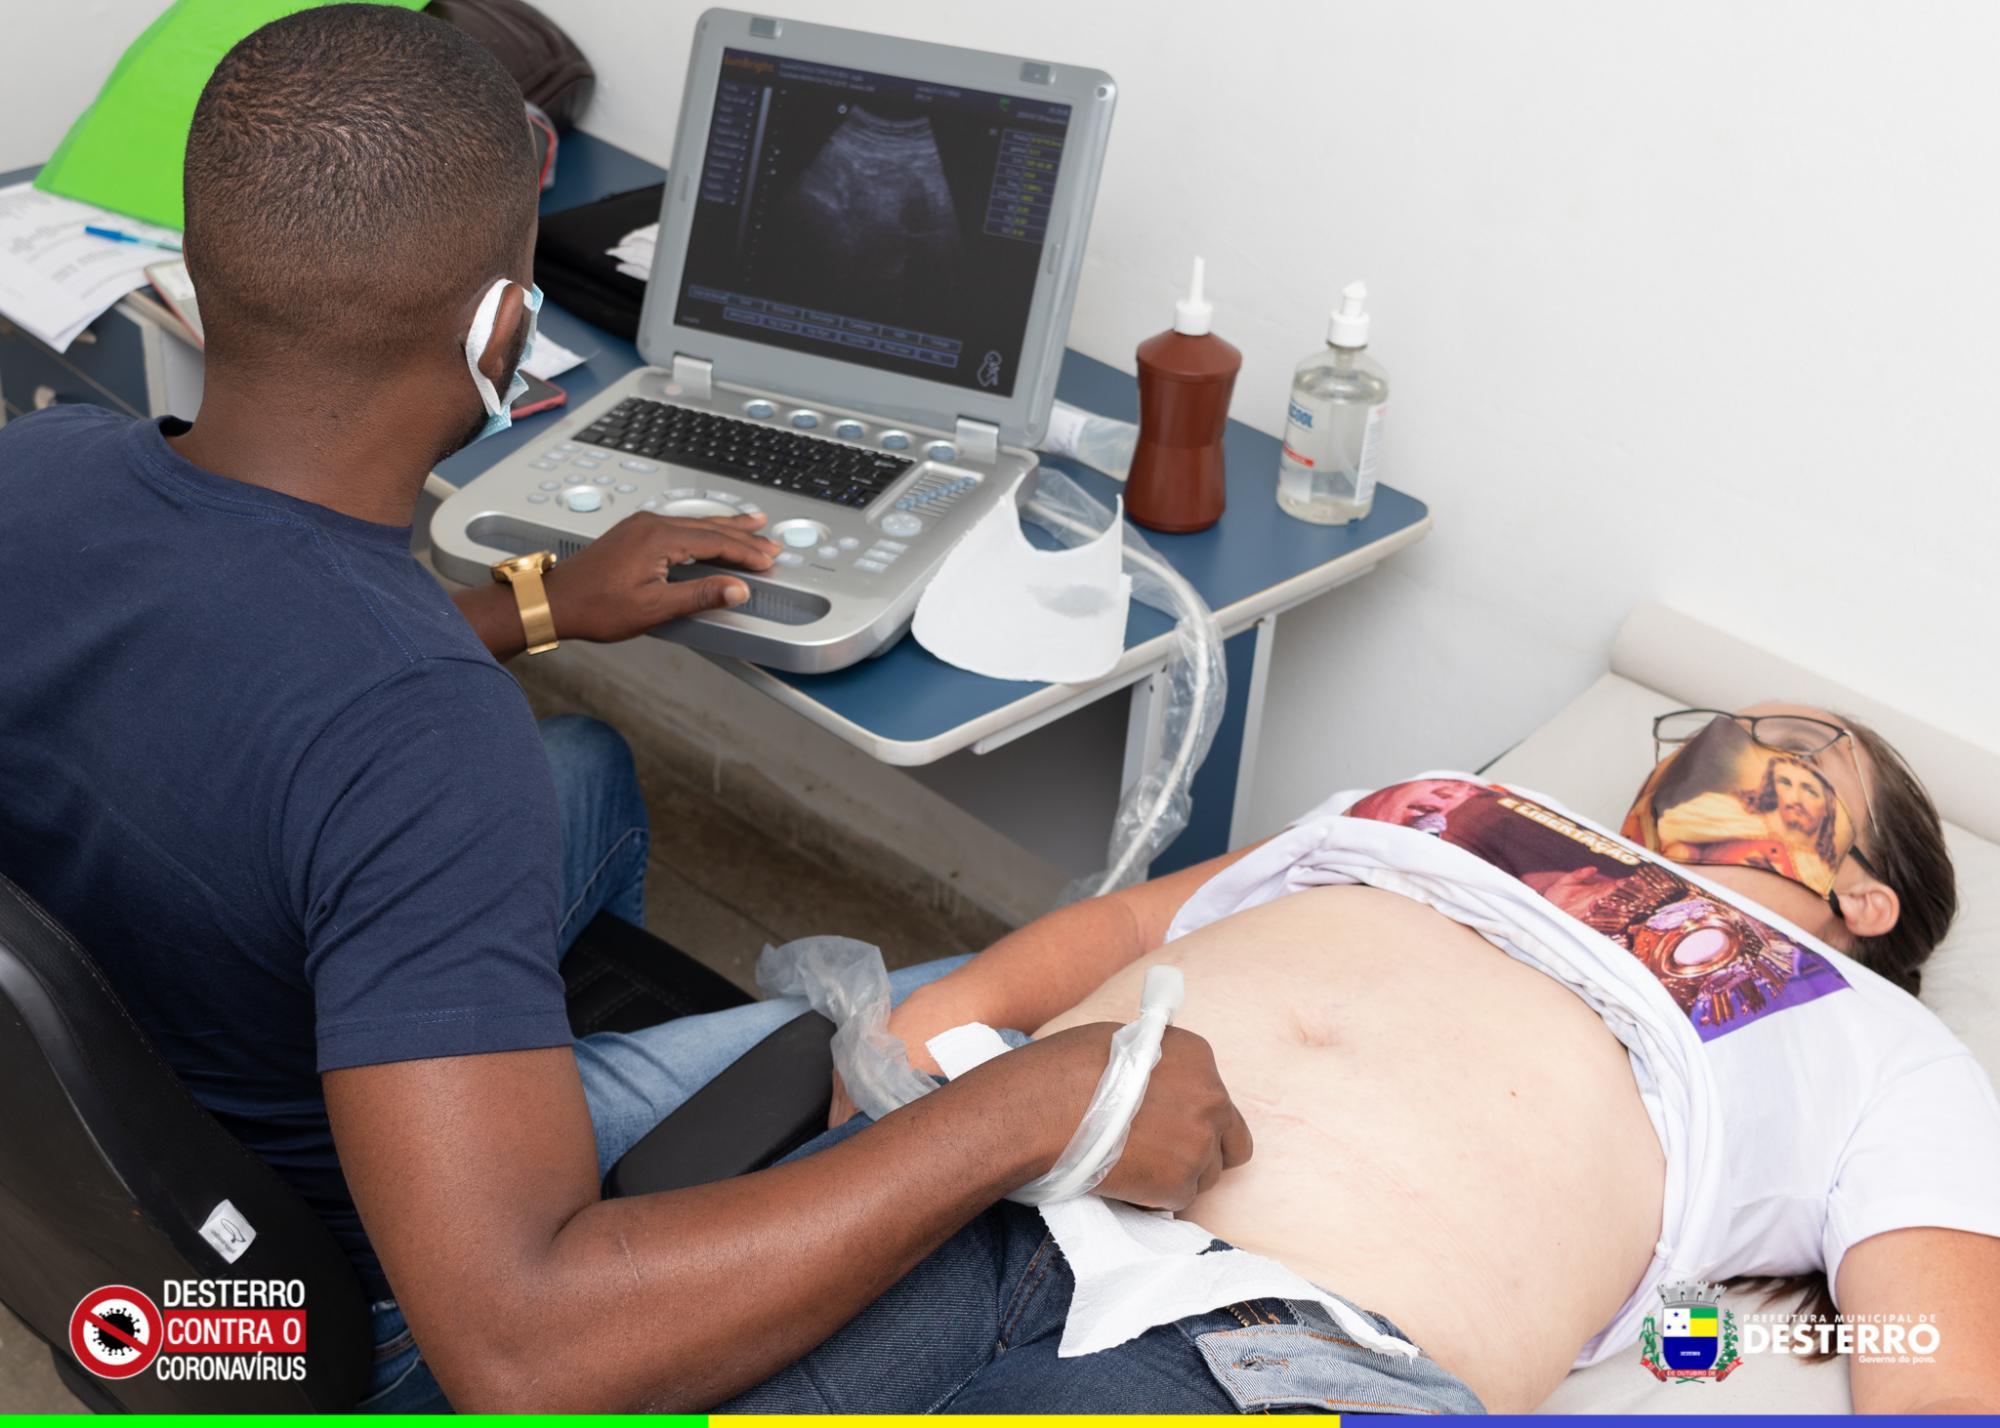 Secretaria municipal de saúde inicia de forma gradual a realização de exames de ultrassonografia começam